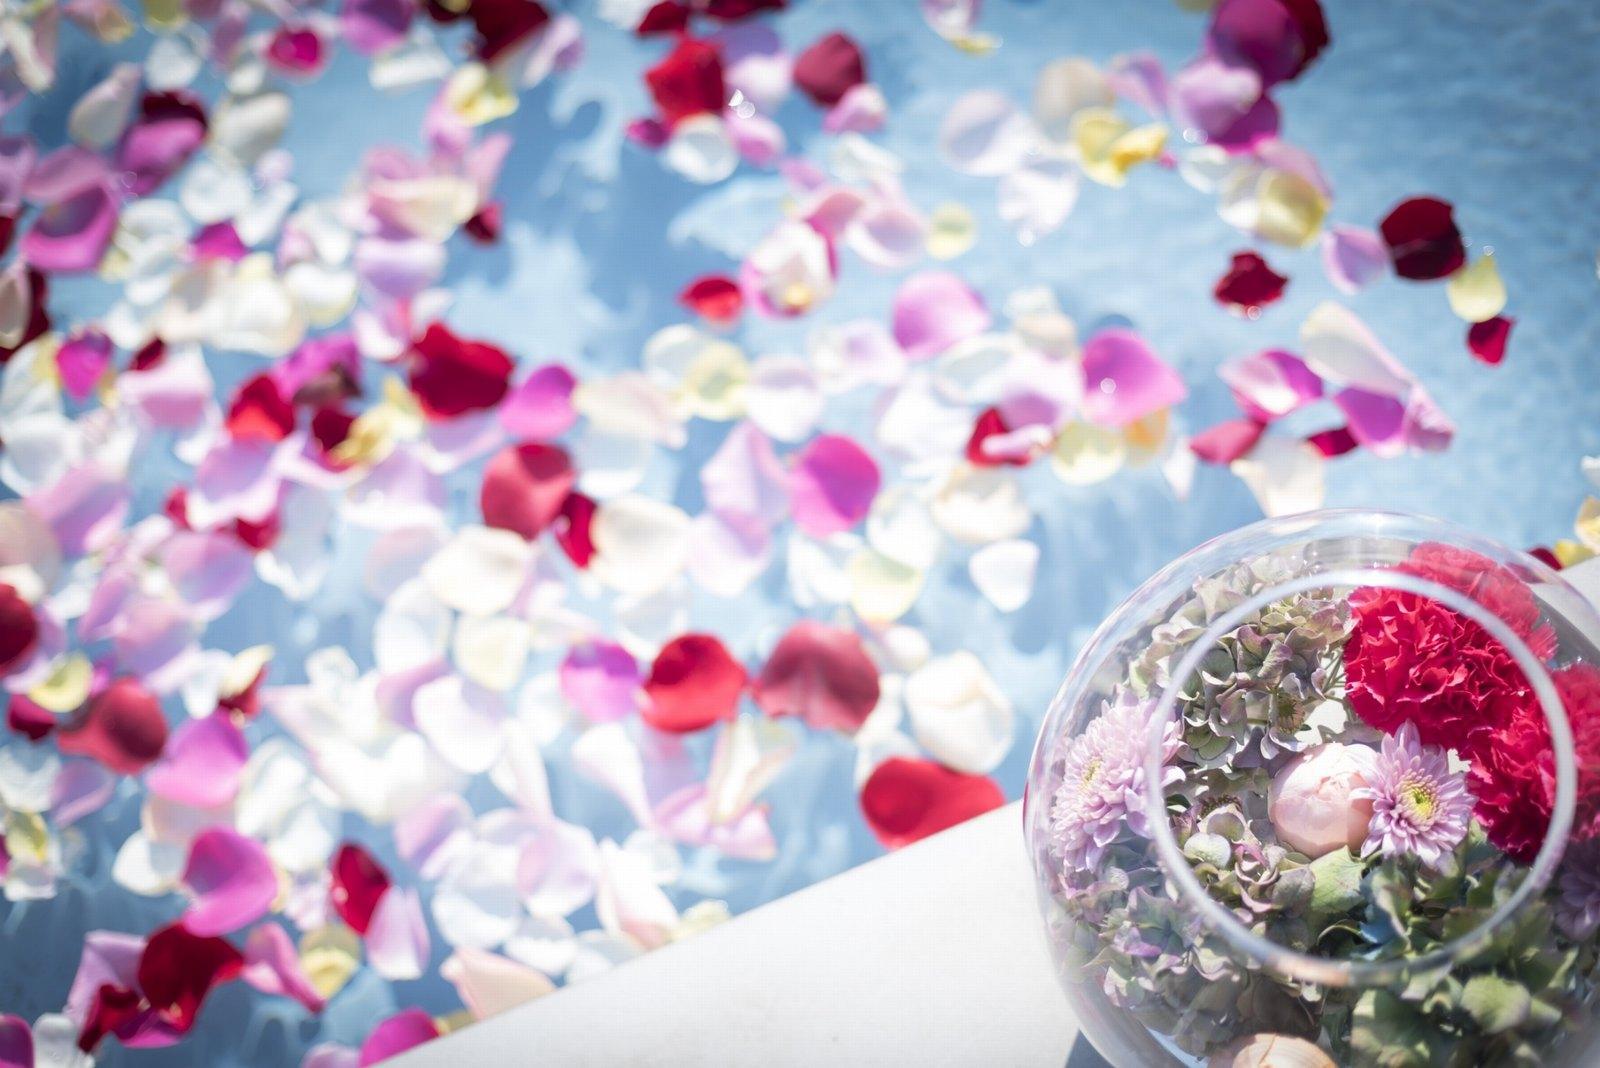 香川県の結婚式場シェルエメール&アイスタイルのガーデン